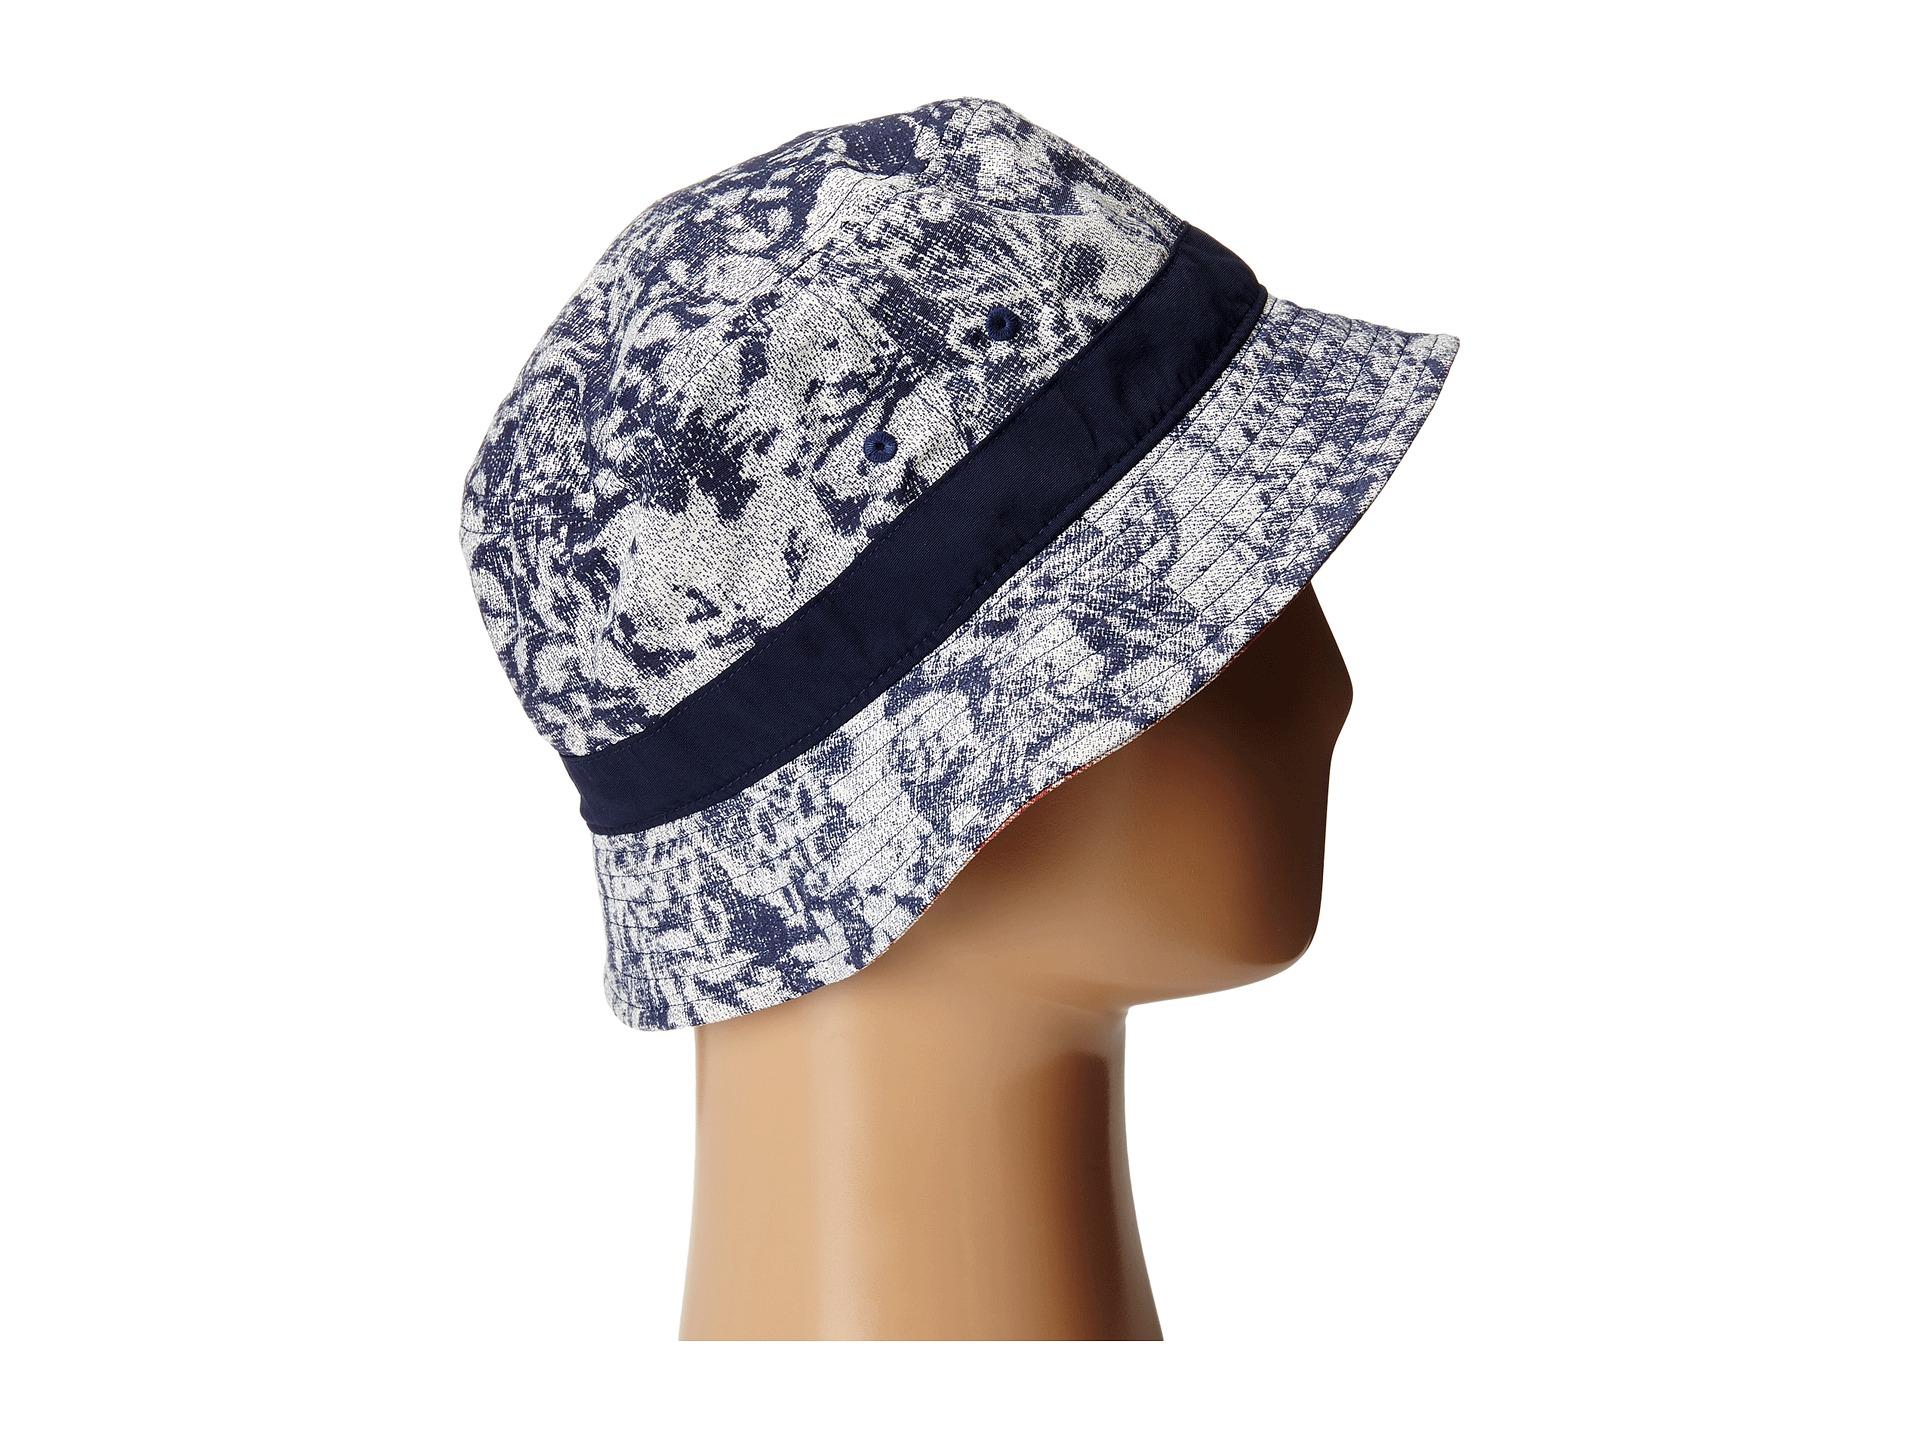 ff38f8e52ab Lyst - Patagonia Wavefarer Bucket Hat in Blue